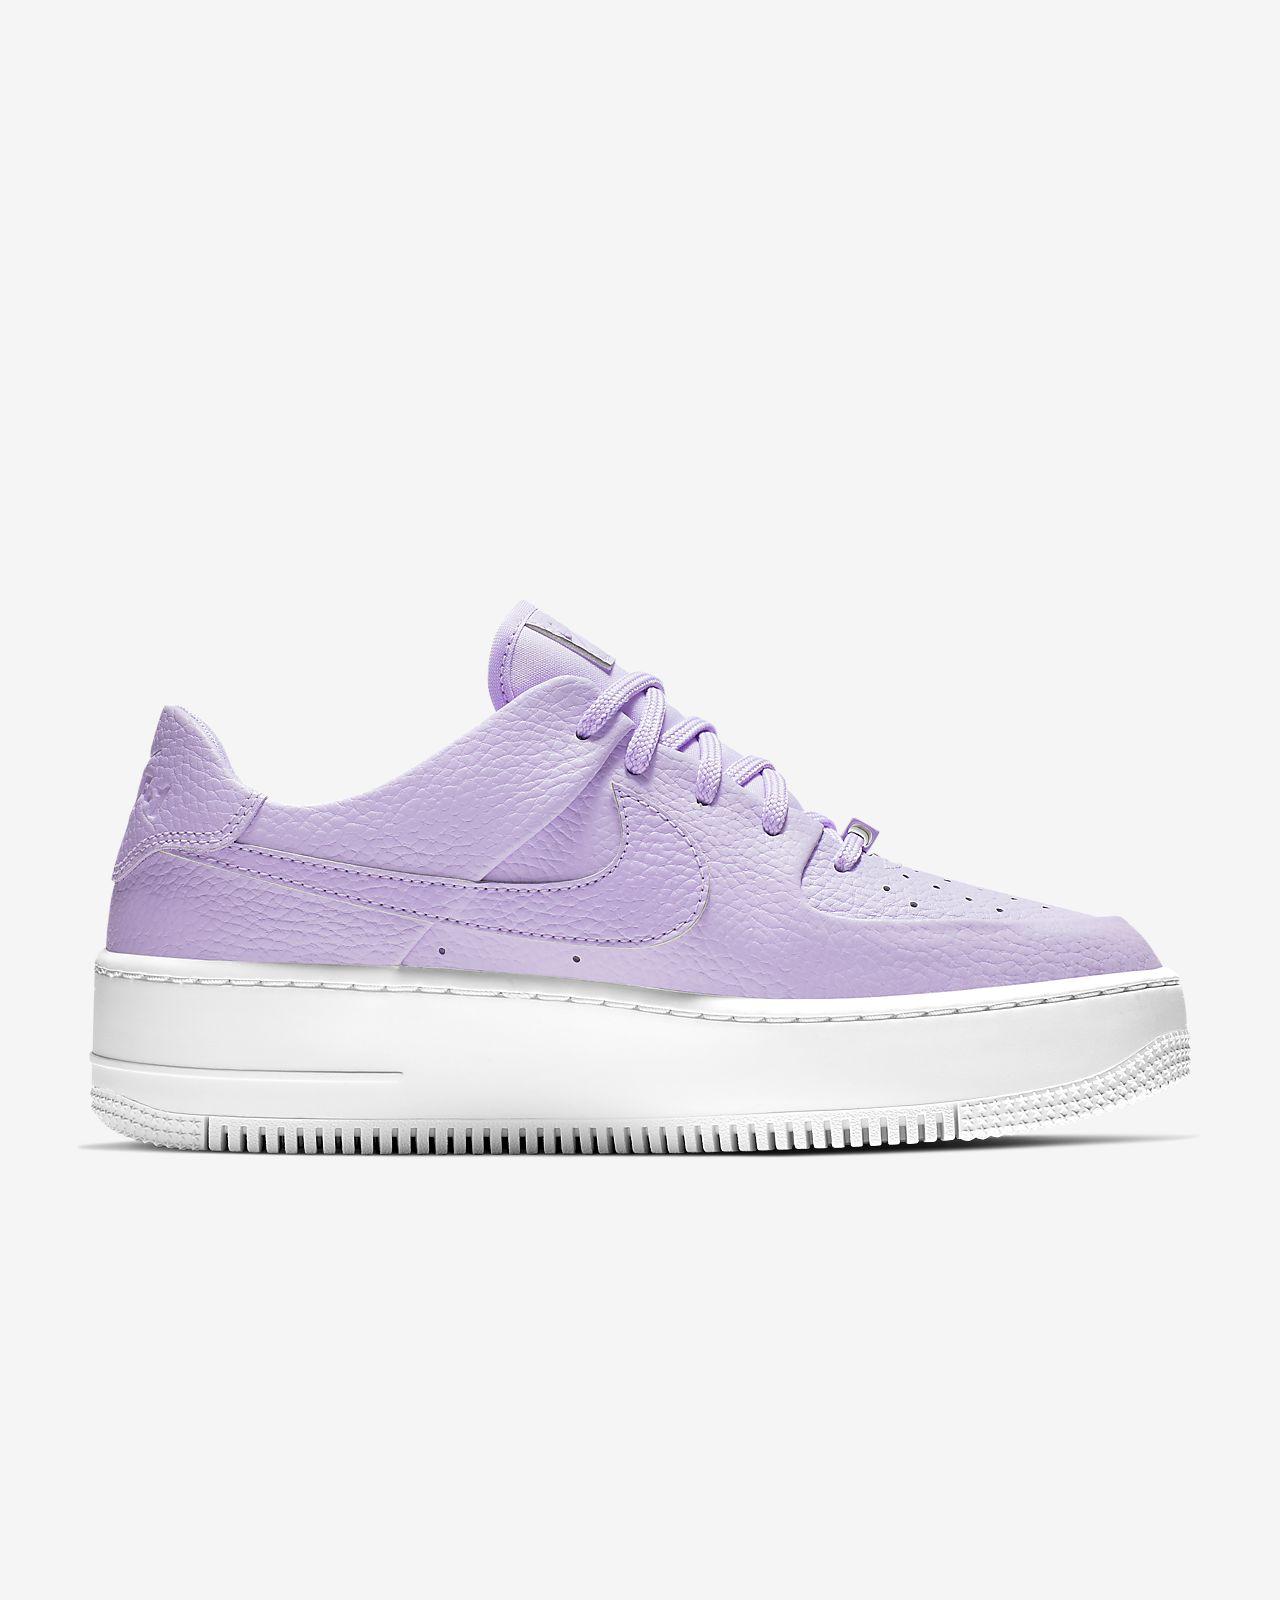 Force Nike 1 Sage Shoe Low Air Women's XiOkZPu